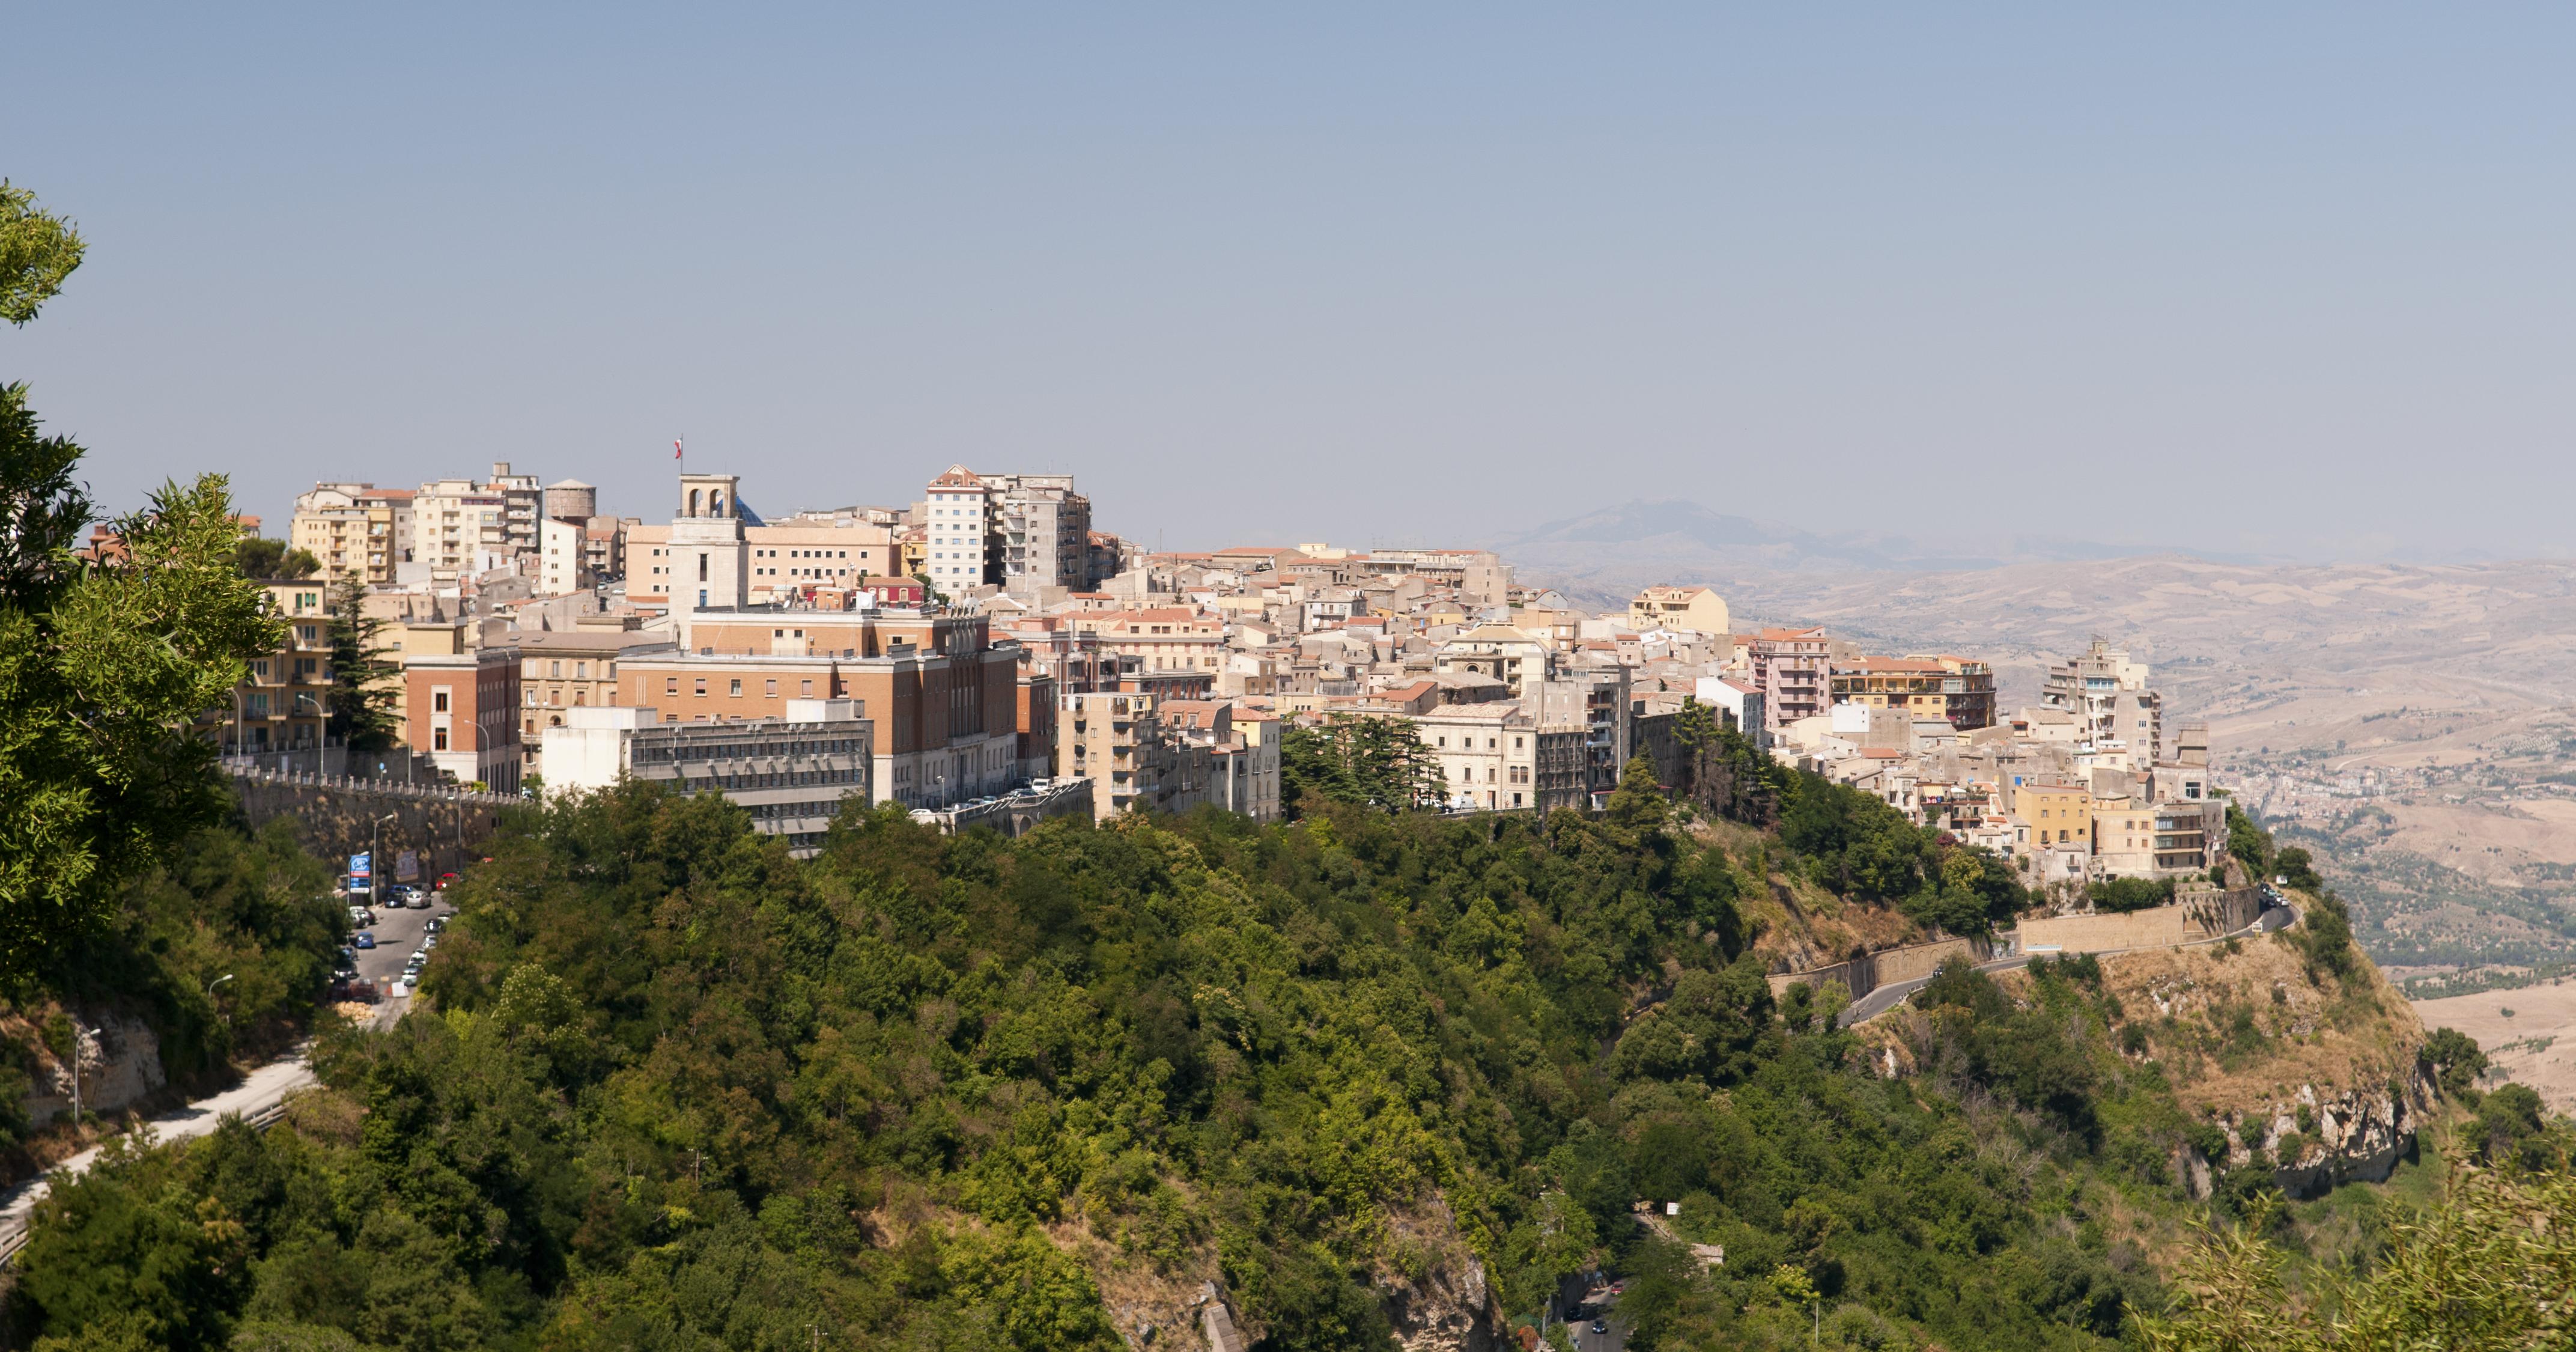 Enna Italy  city photo : Description Enna, Sicily, Italy 4894730270